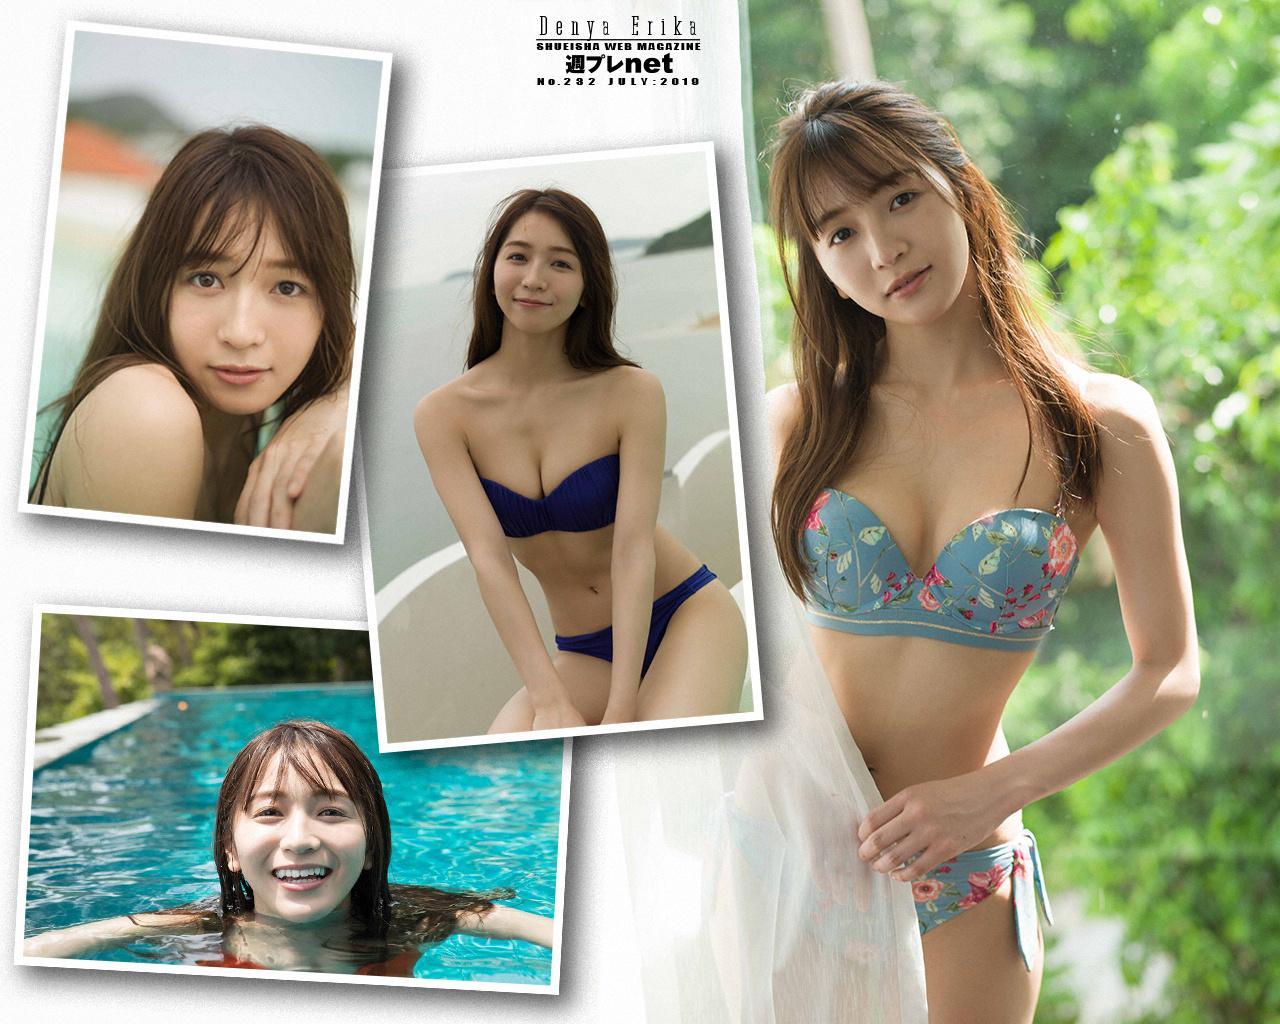 传谷英里香 Weekly Playboy 写真 泳装